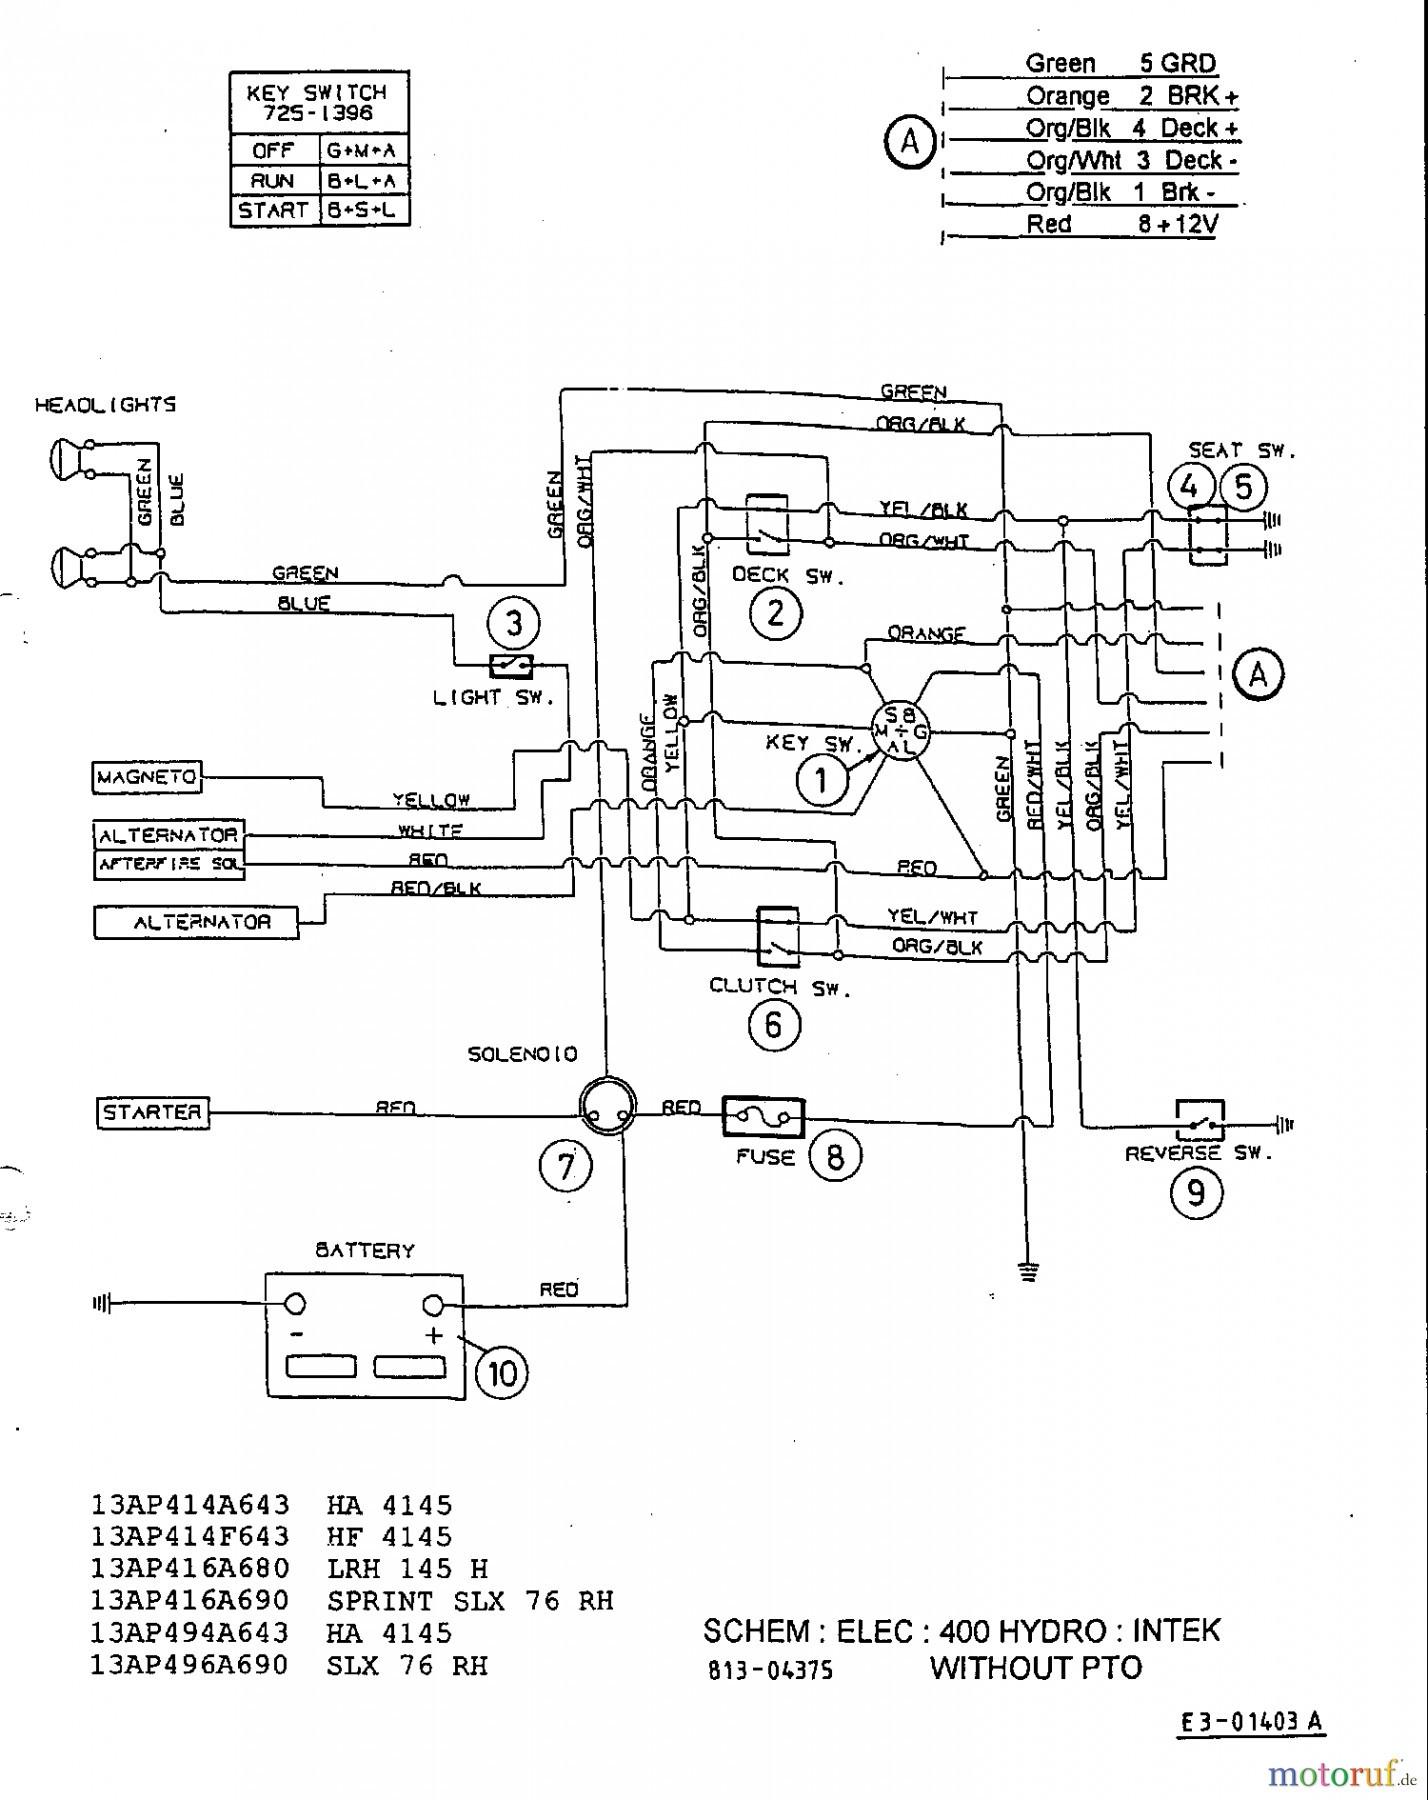 hight resolution of mtd lawn mower wiring schematic wiring diagram expert mtd engine wiring diagram